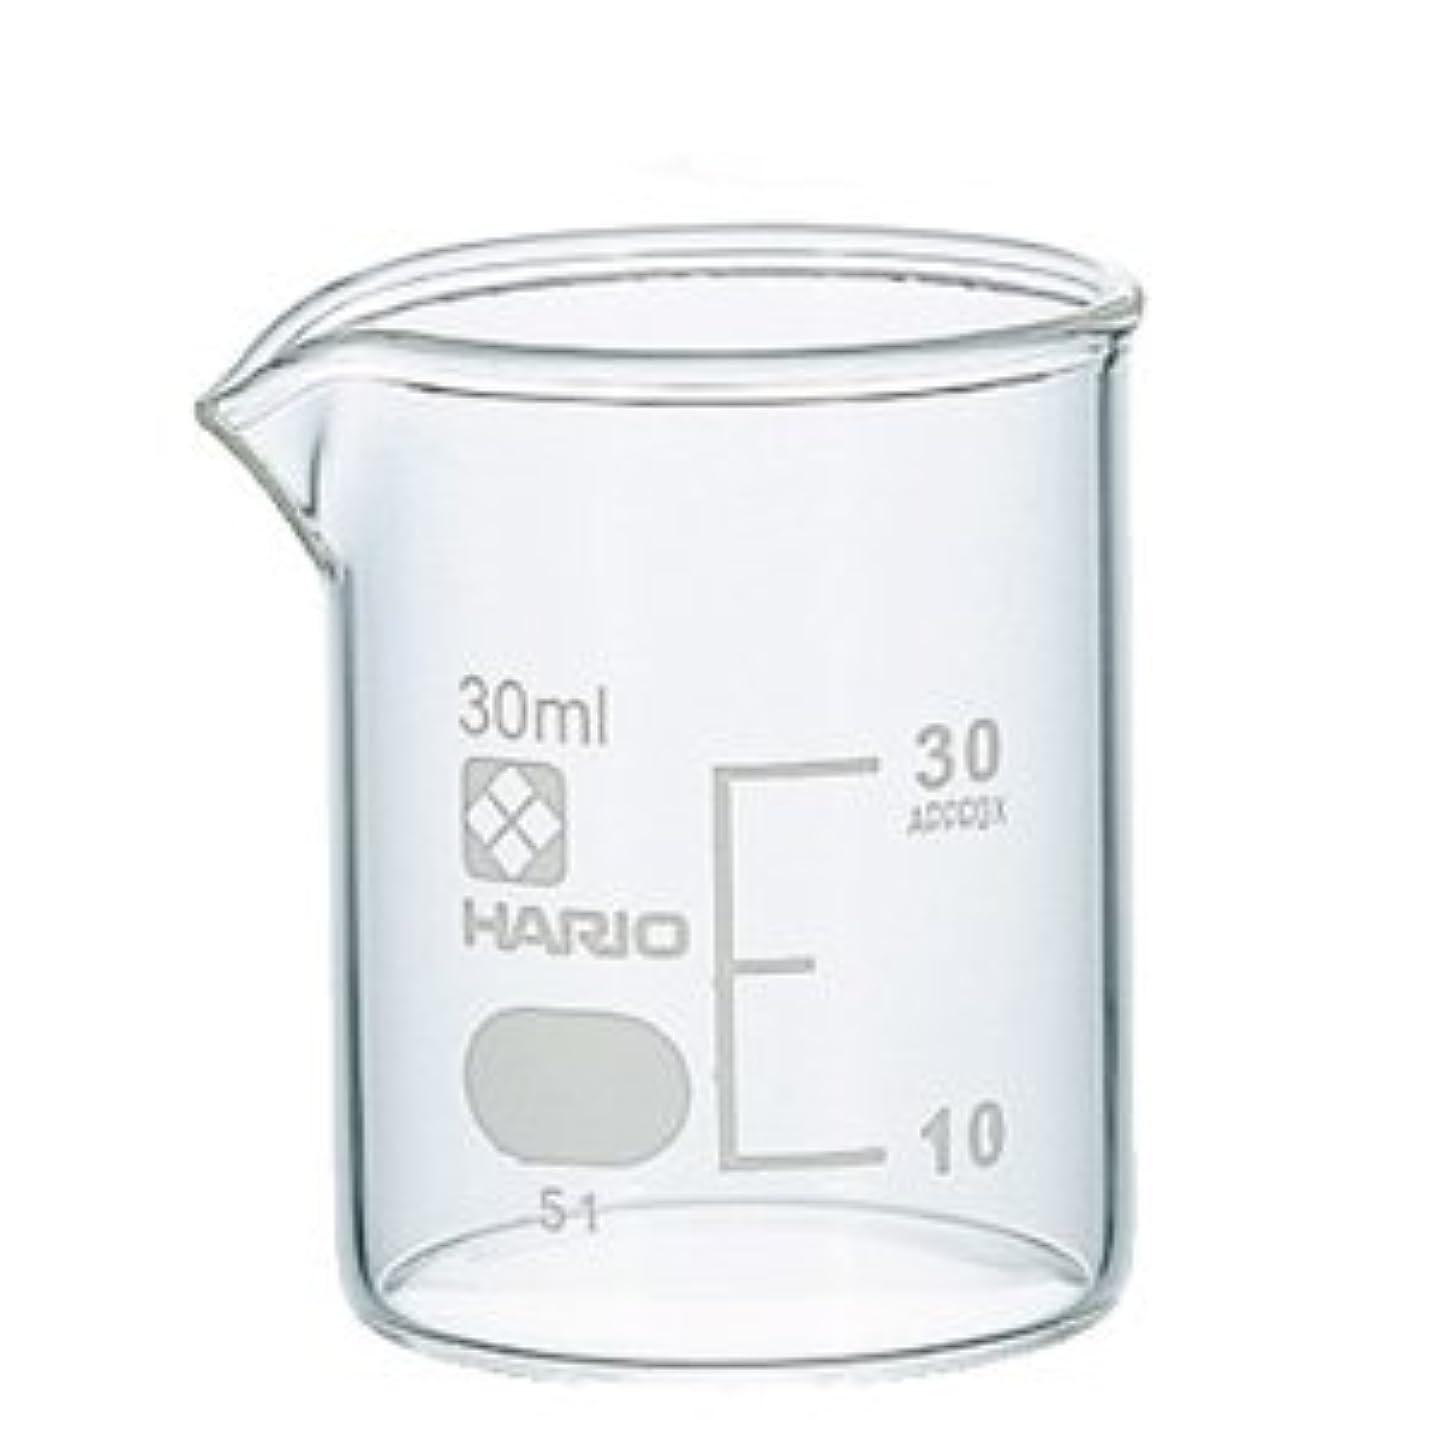 評価可能インク楽なガラスビーカー 30ml 【手作り石鹸/手作りコスメ/手作り化粧品】